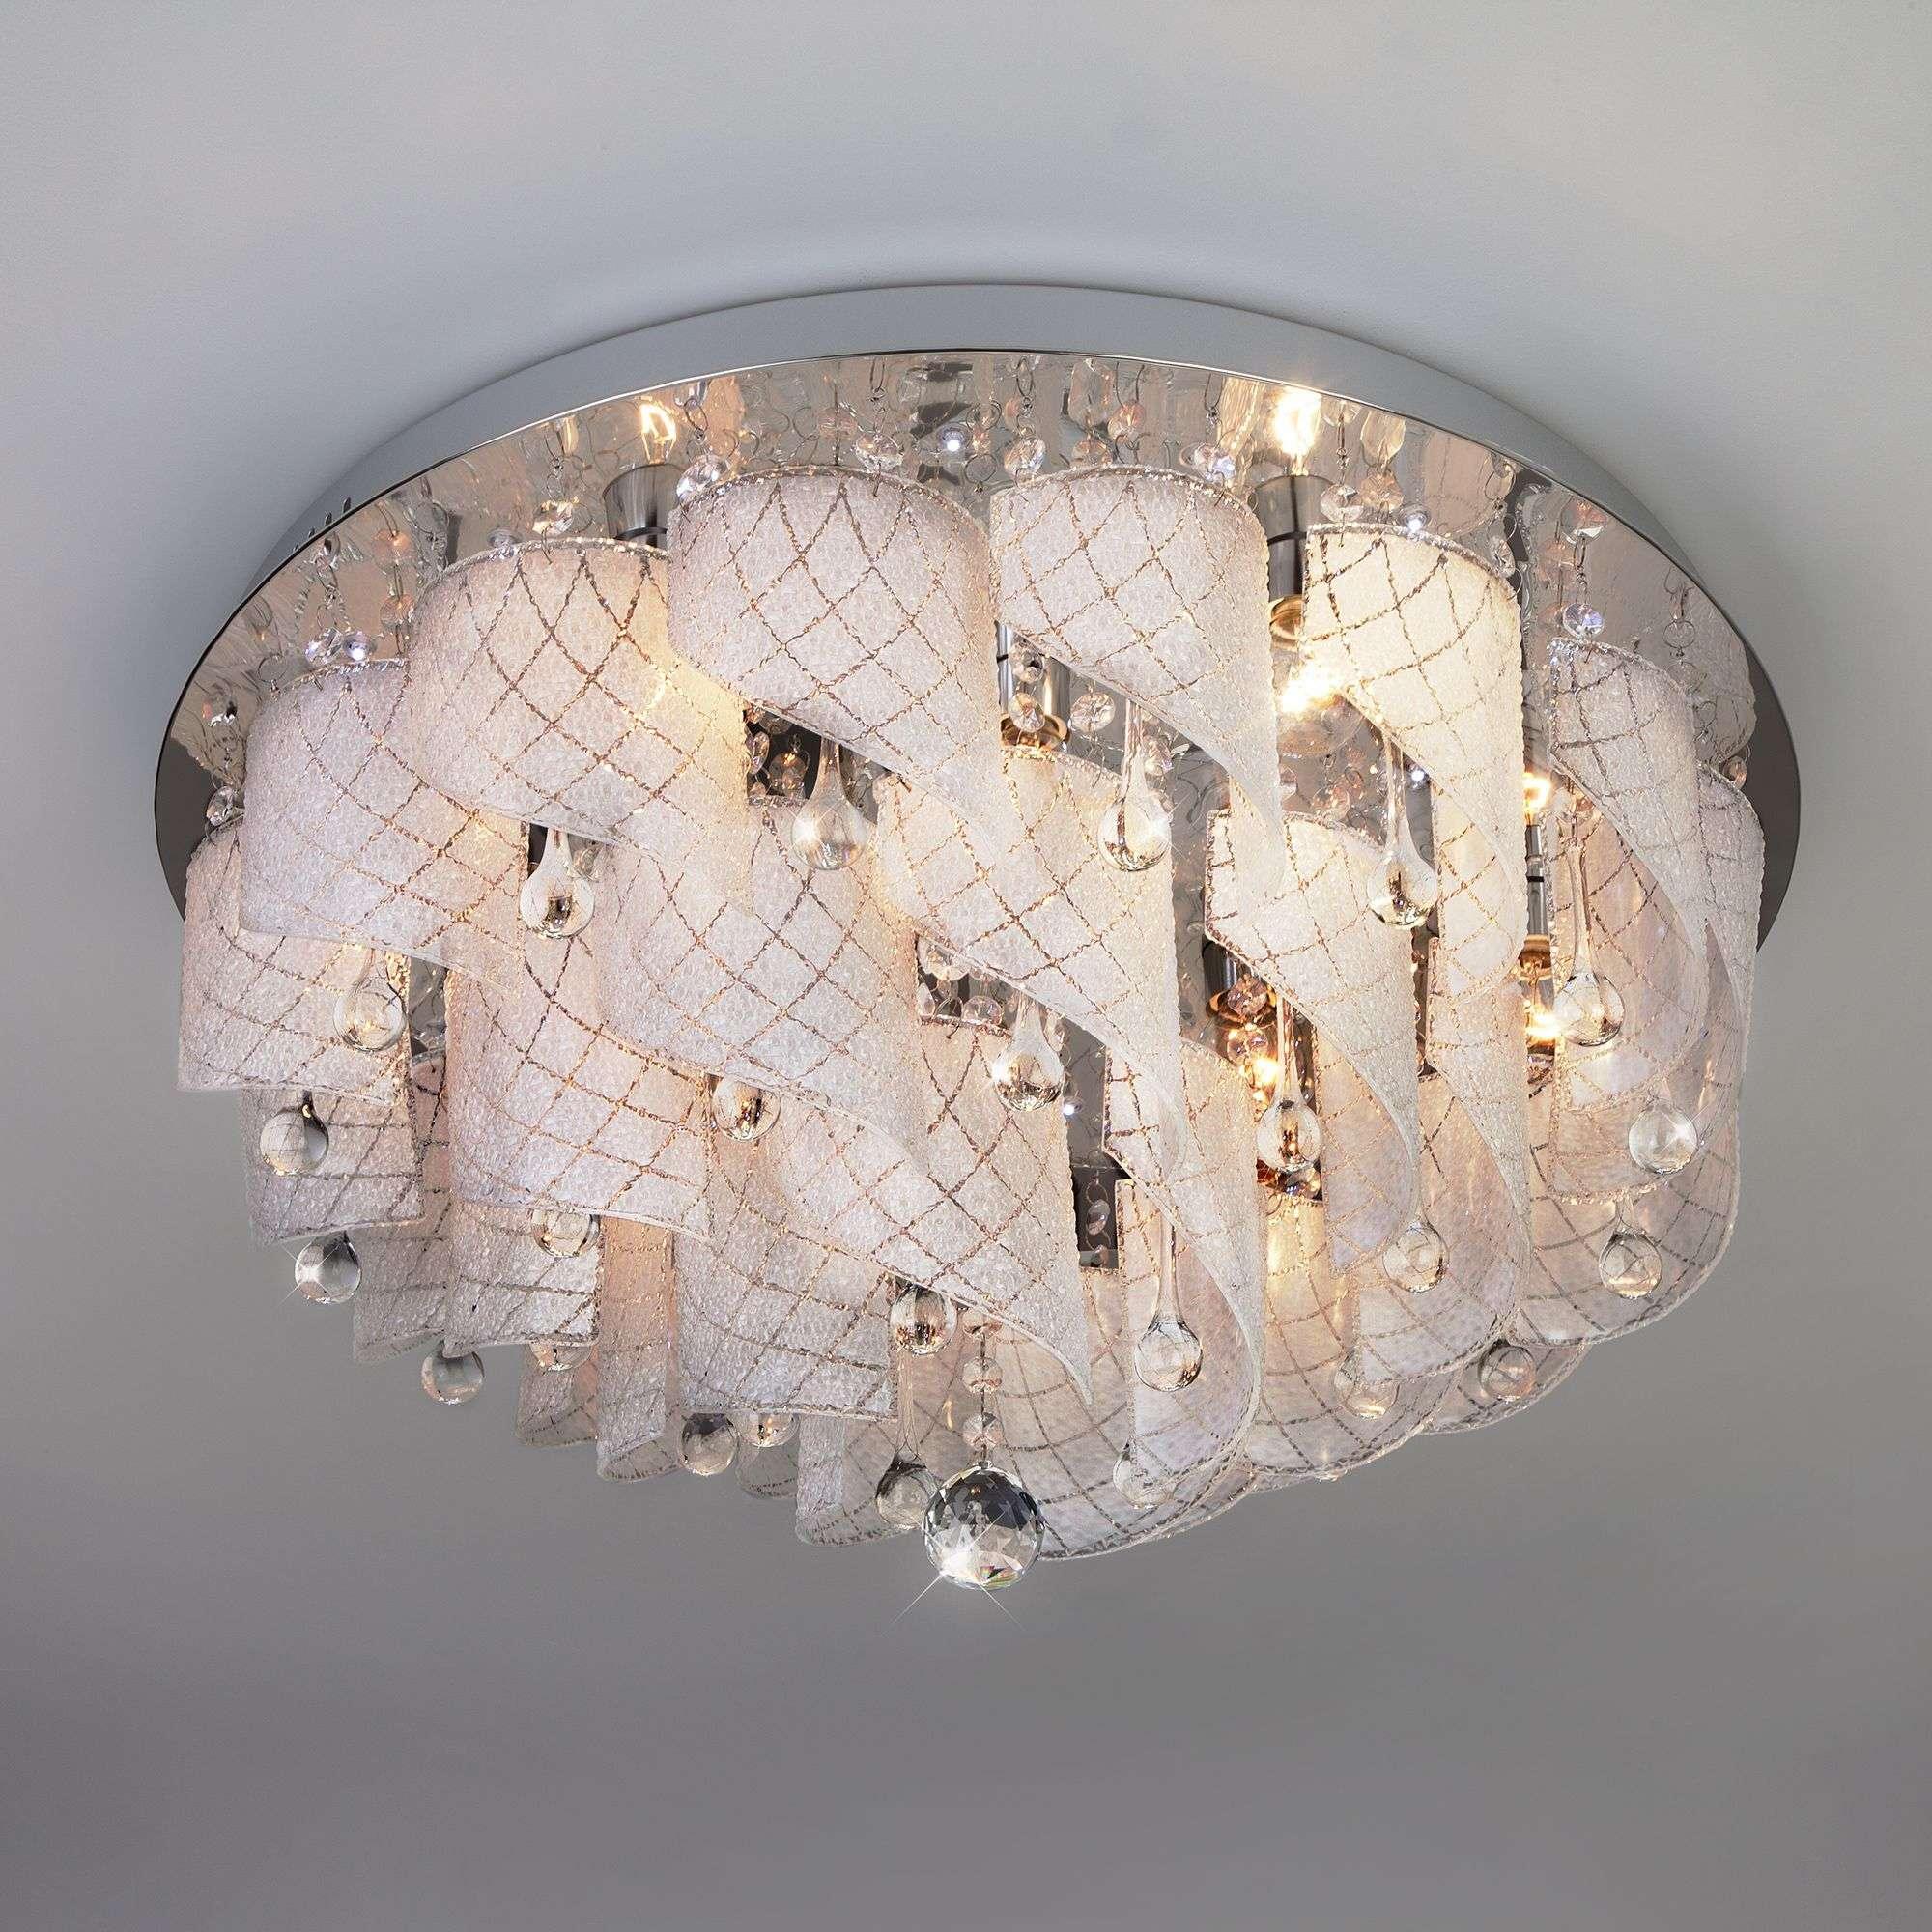 Потолочная люстра с декором из матового стекла 80117/9 хром/белый